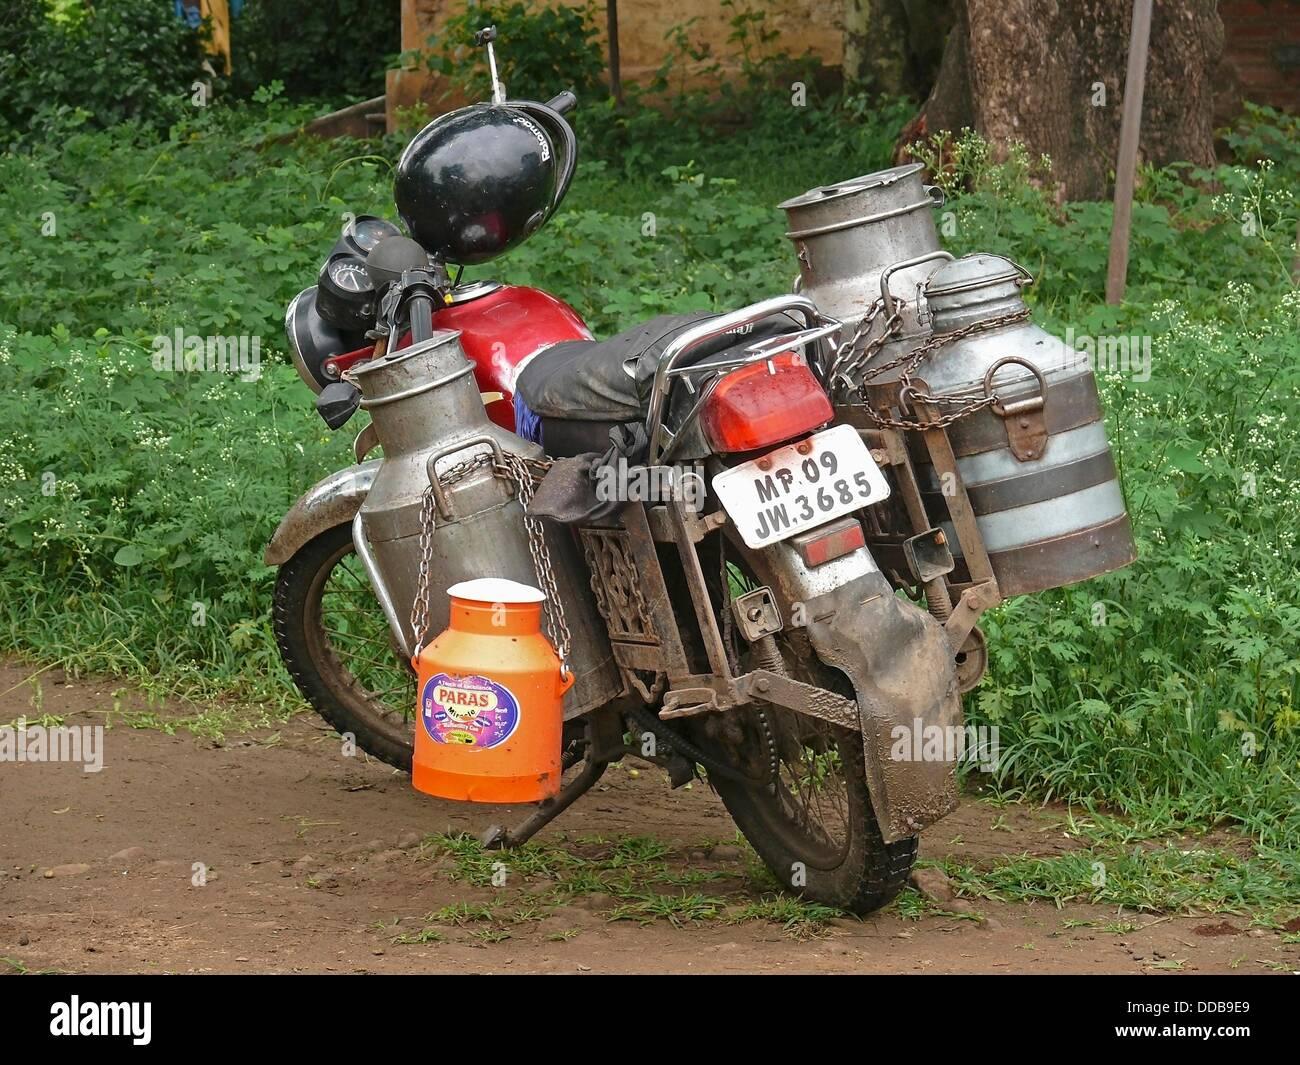 Motocicletta con vettori di latte per la consegna, Maharashtra, India Immagini Stock